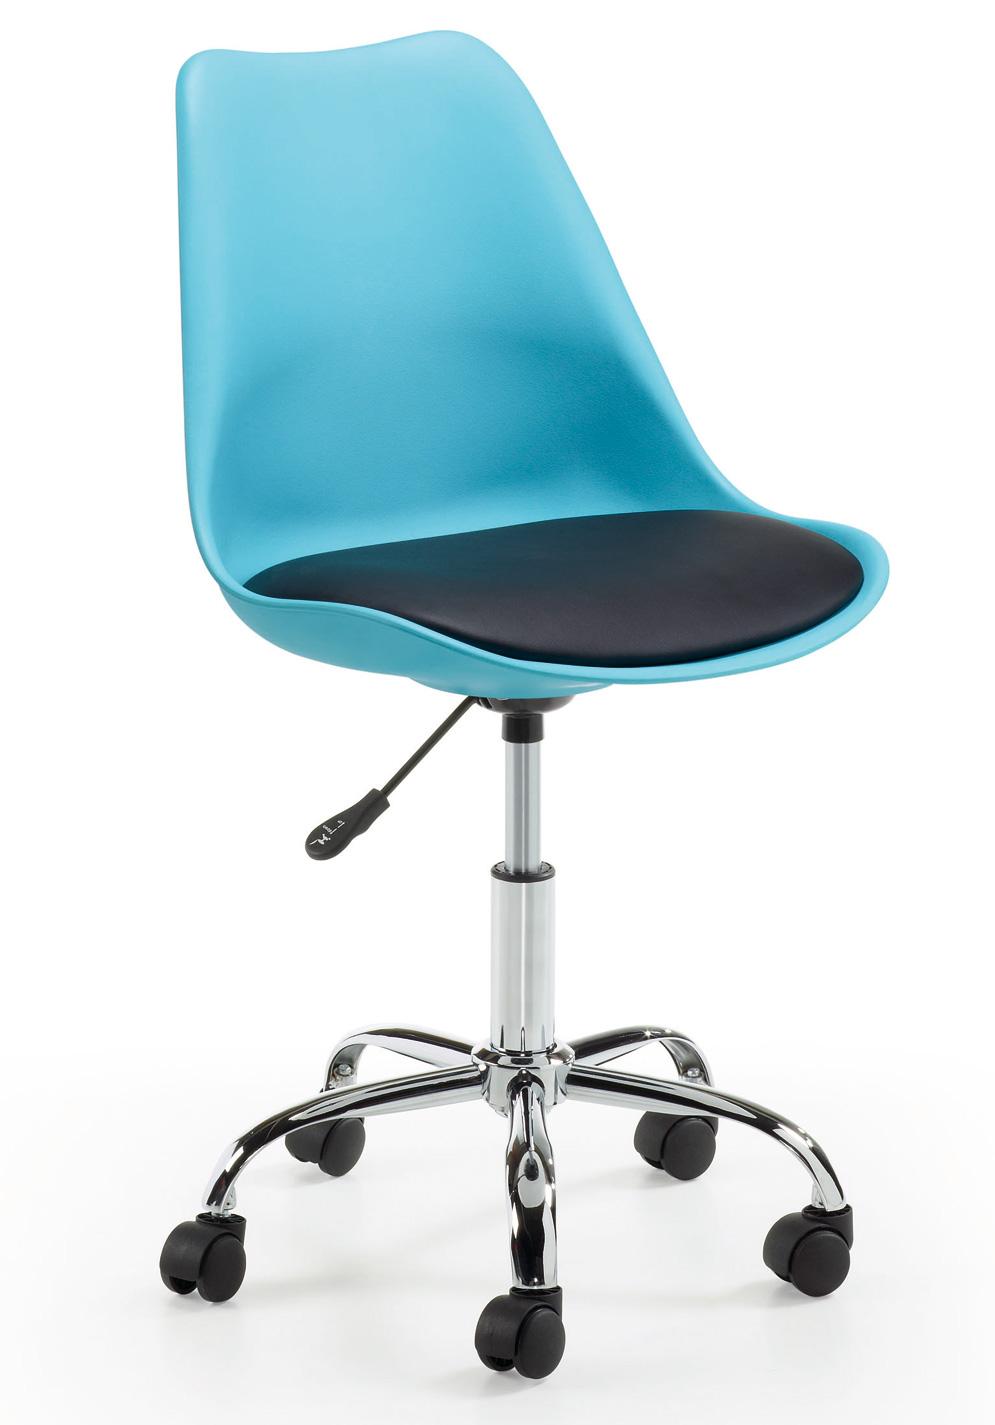 Sillas de estudio finest with sillas de estudio cheap - Sillas para la espalda ...